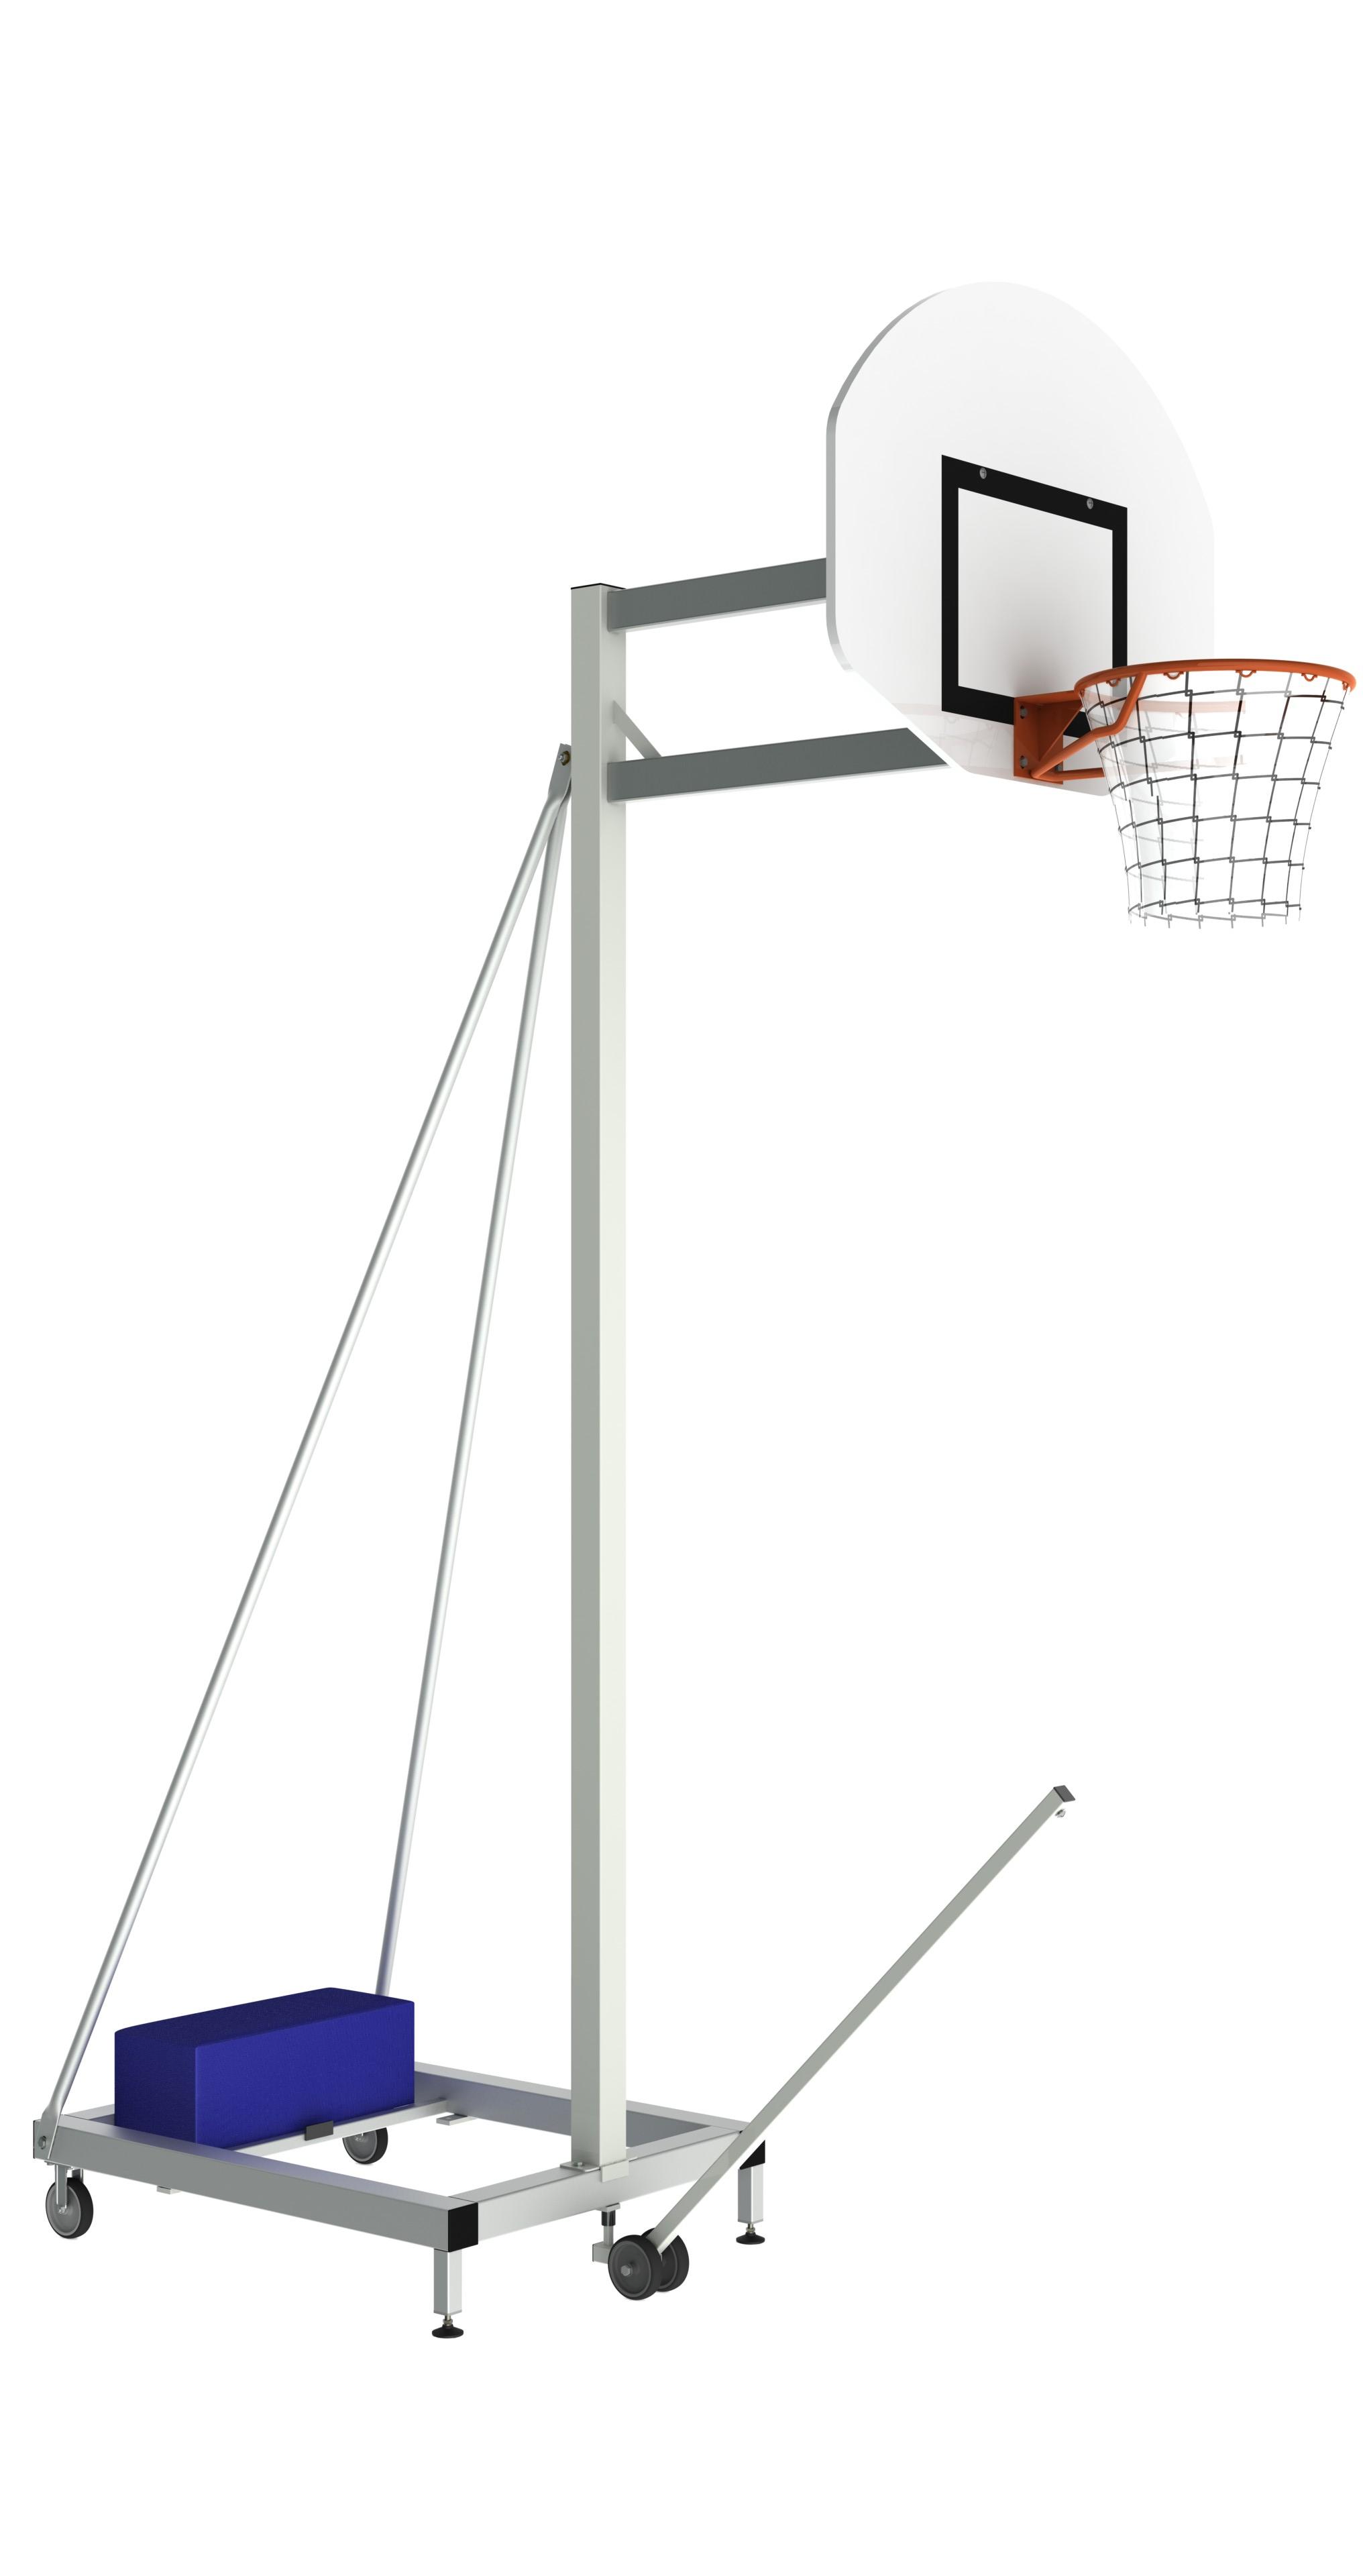 Image of   Basketball Portable Training Goal - 3,05 m - Udhæng 1,0 m